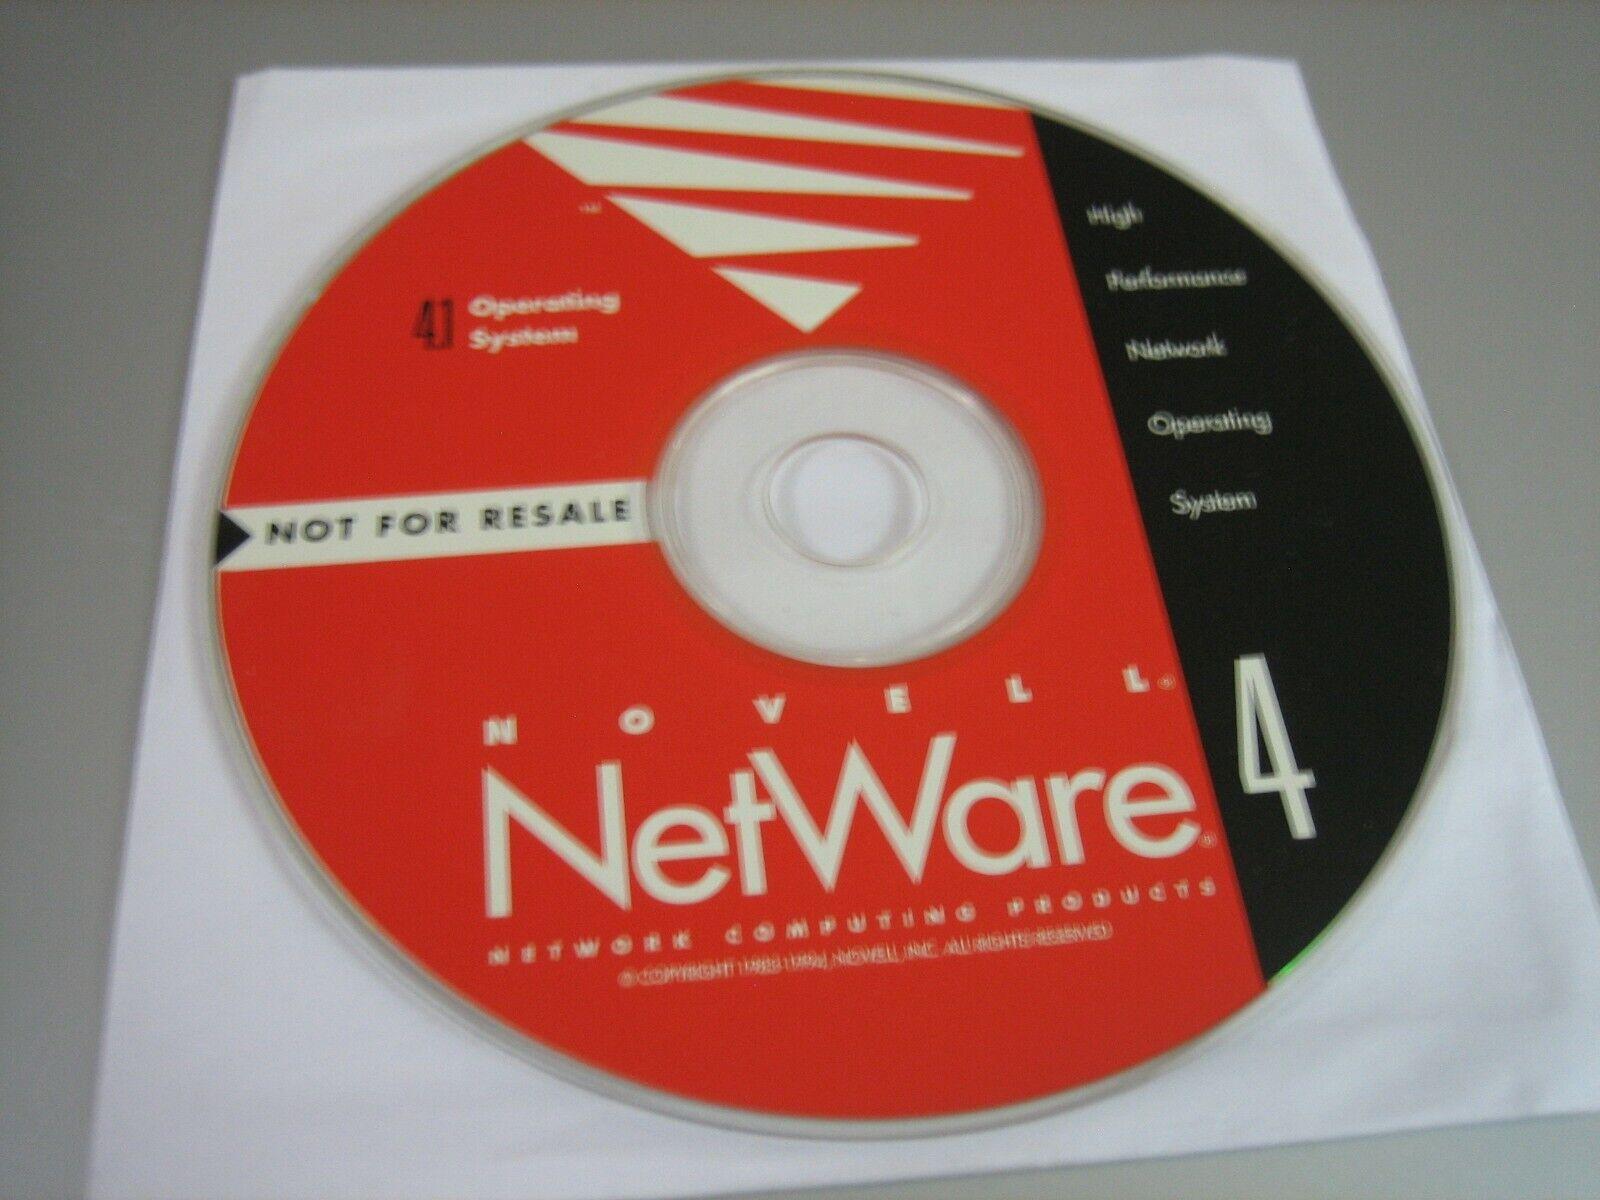 Vintage Novell NetWare 4.1 Upgrade CD Software (CD, 1994) - Disc Only!!!